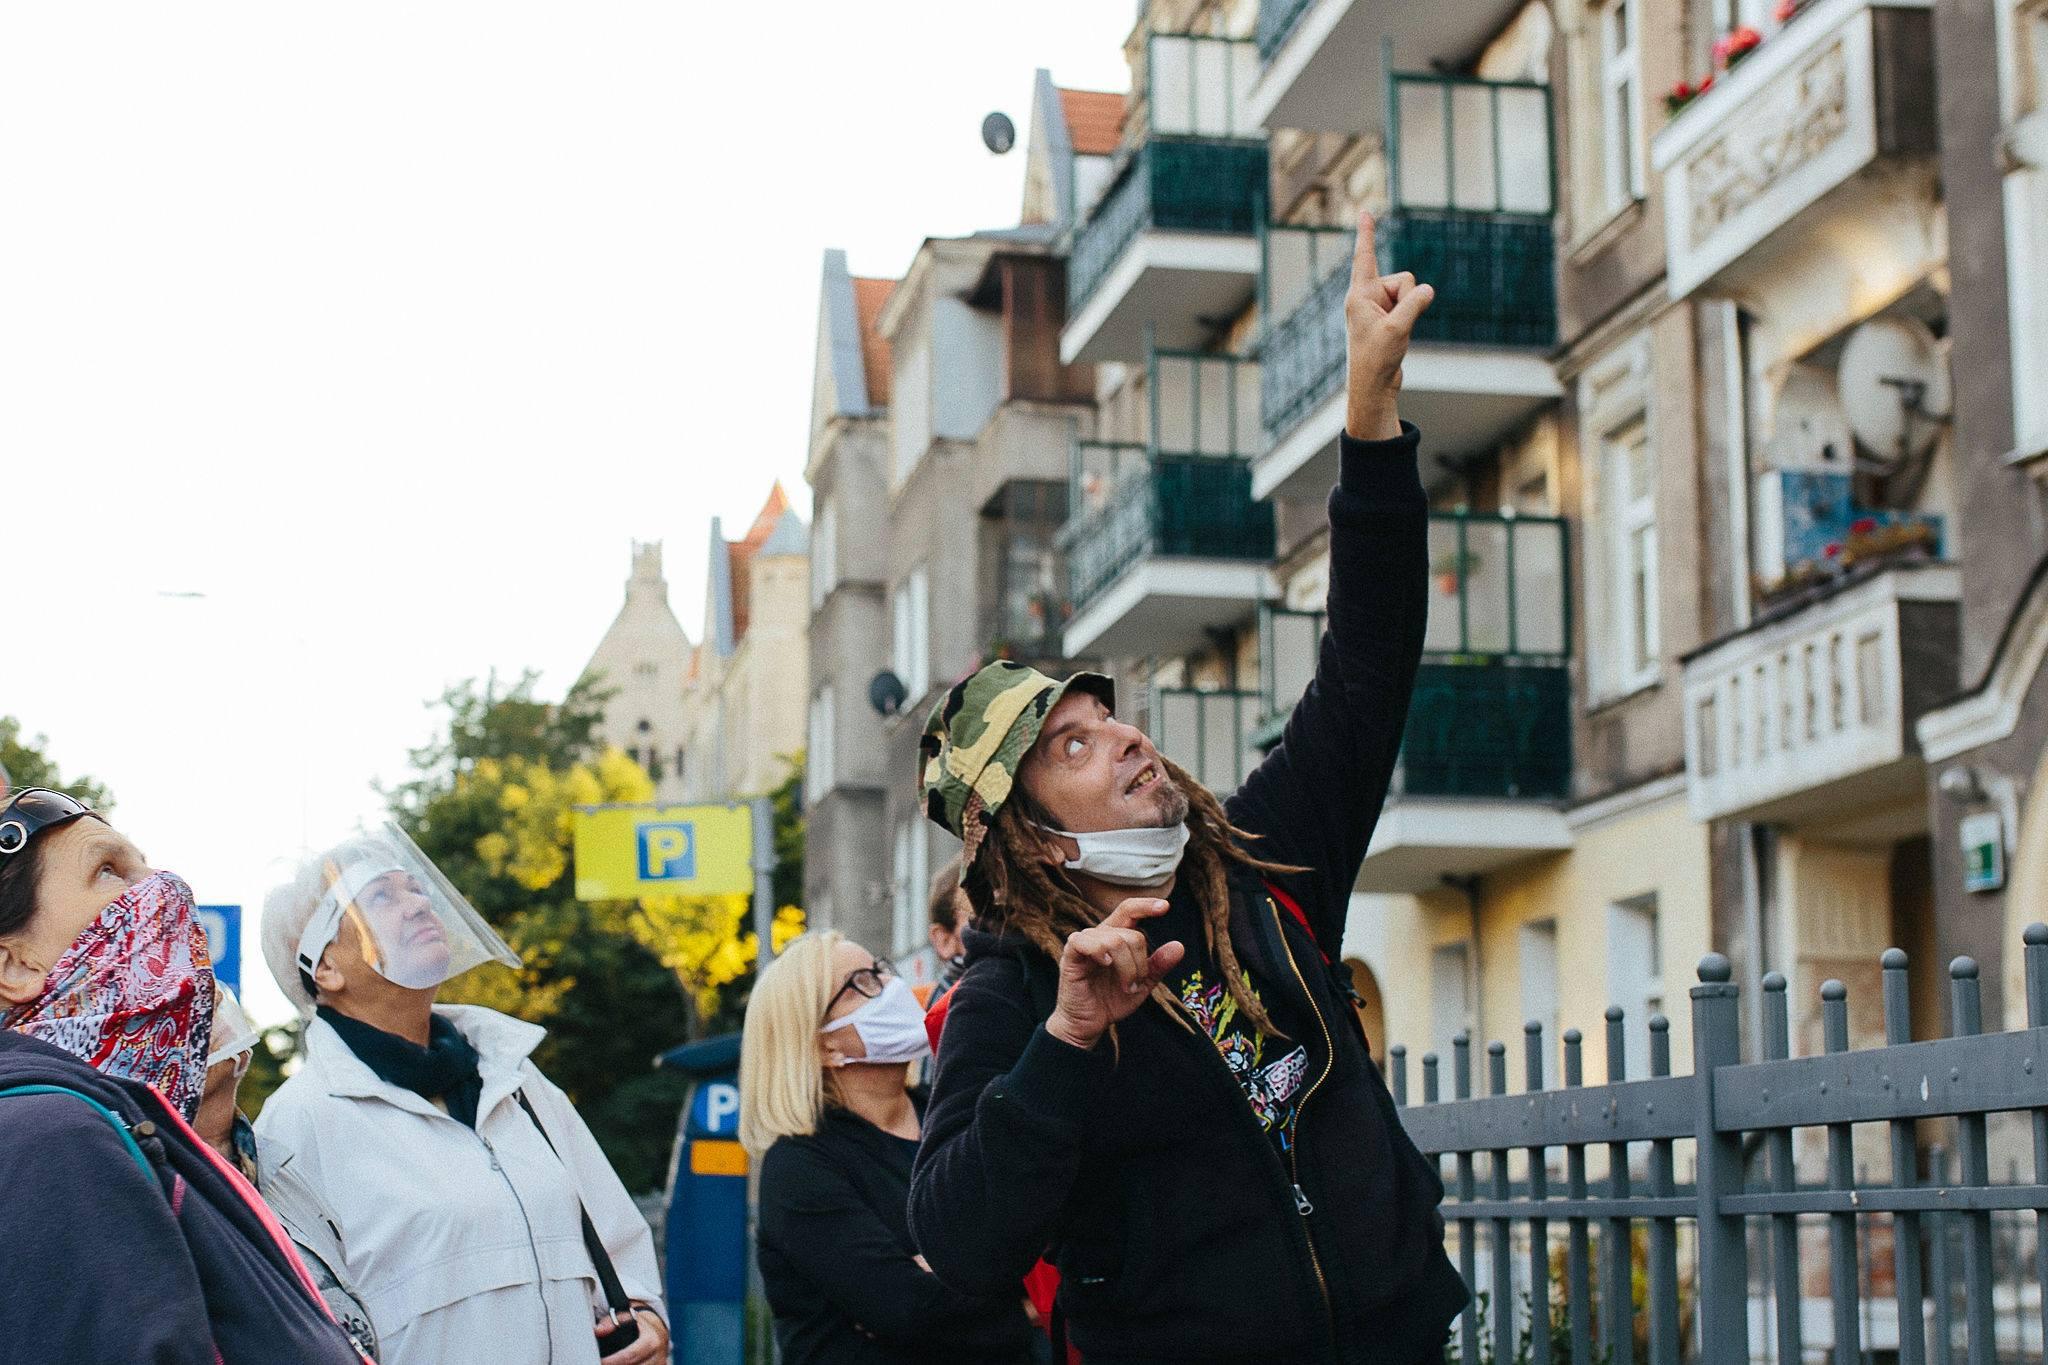 Mężczyzna pokazujący stojącym ludziom palcem coś pond ich głowami